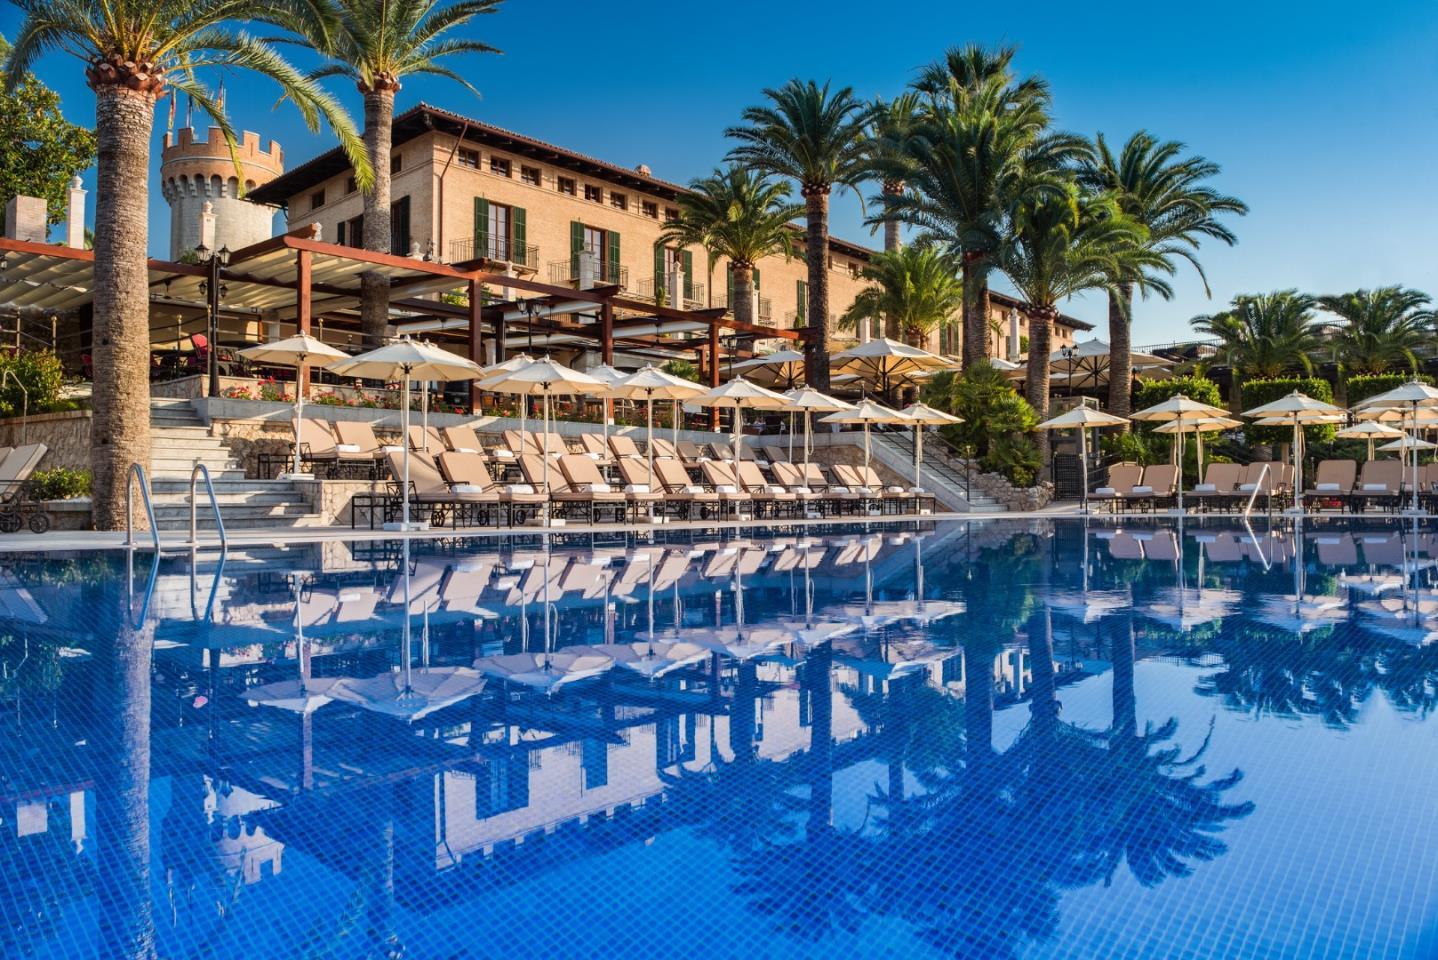 Arabella Golf (5* Castillo Hotel Son Vida) - 3 Nights & Unlimited Golf